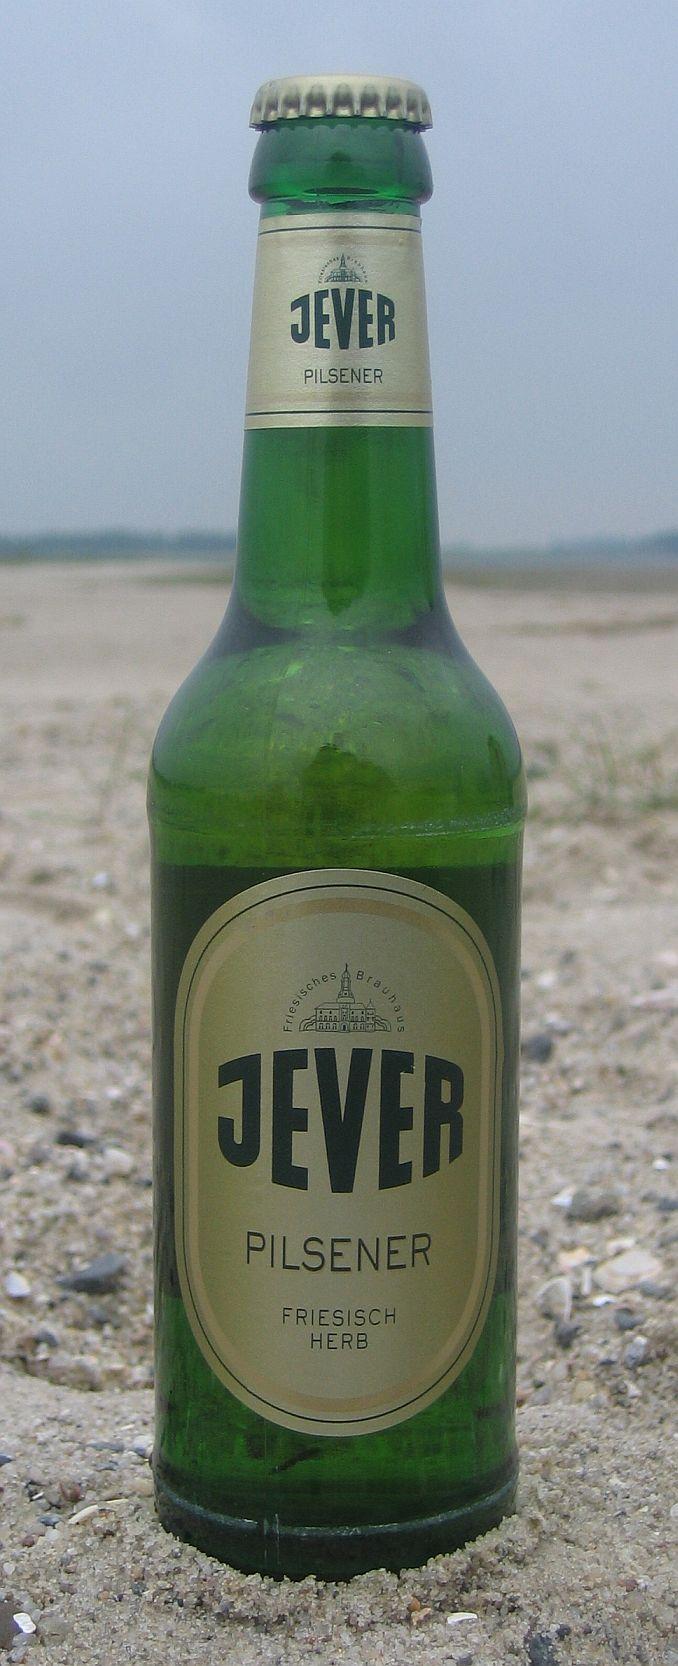 jever_bottle.jpg